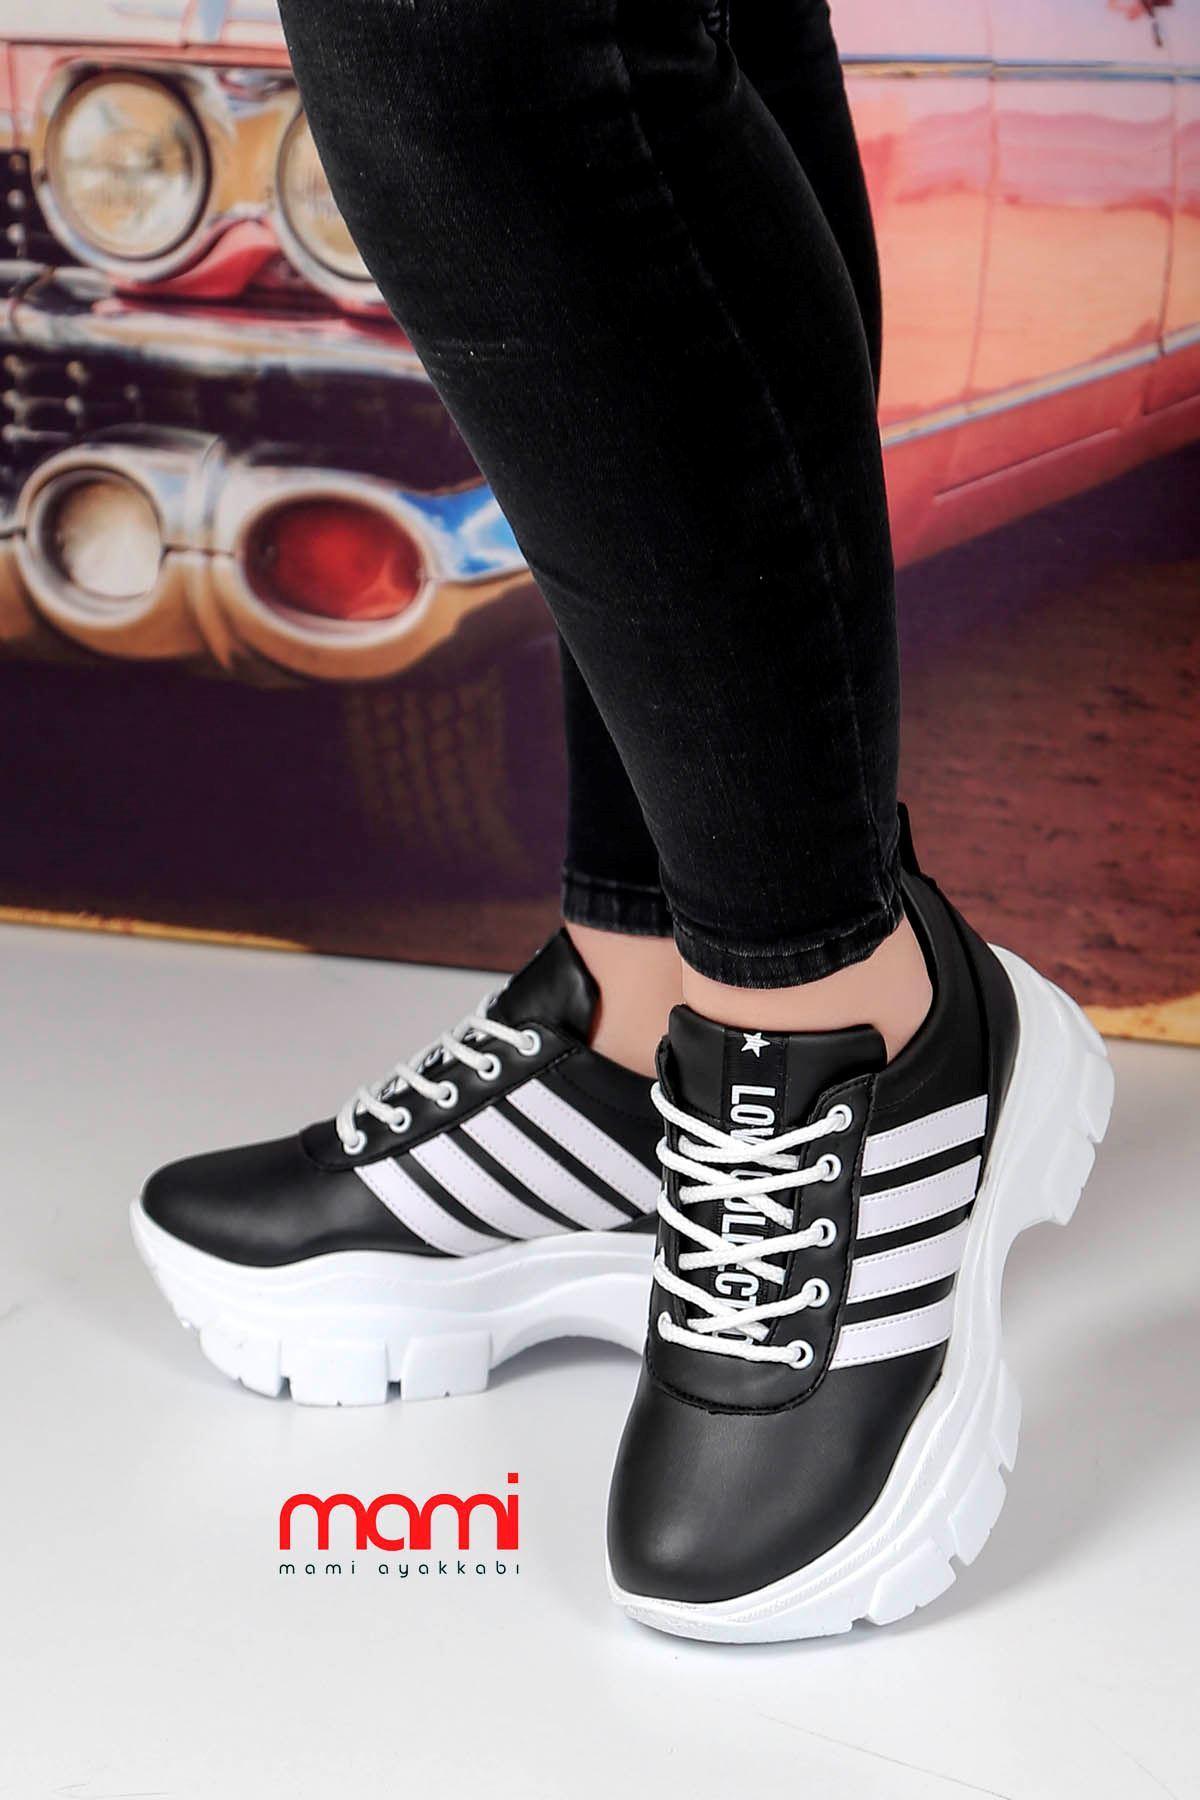 Frm-400 Tabanlı Spor Ayakkabı Siyah Deri Beyaz Şerit